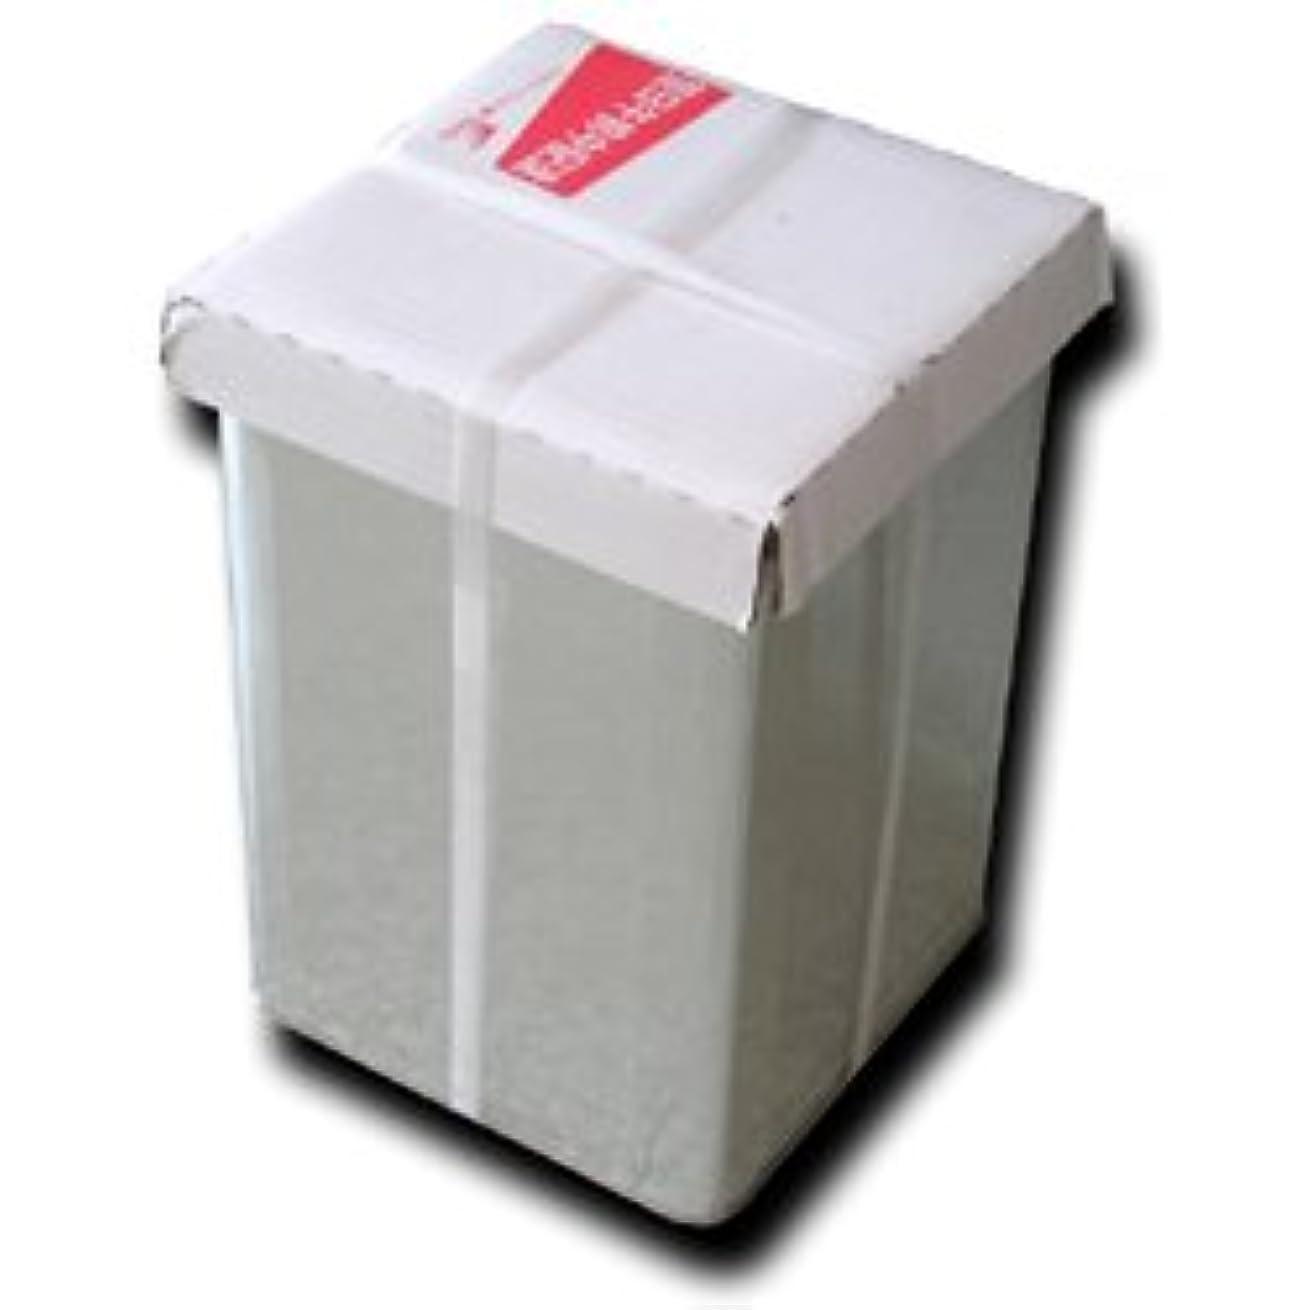 とんでもない有益なお気に入り業務用 DHA油 ドコサヘキサエン酸 16kg×1缶 卸用